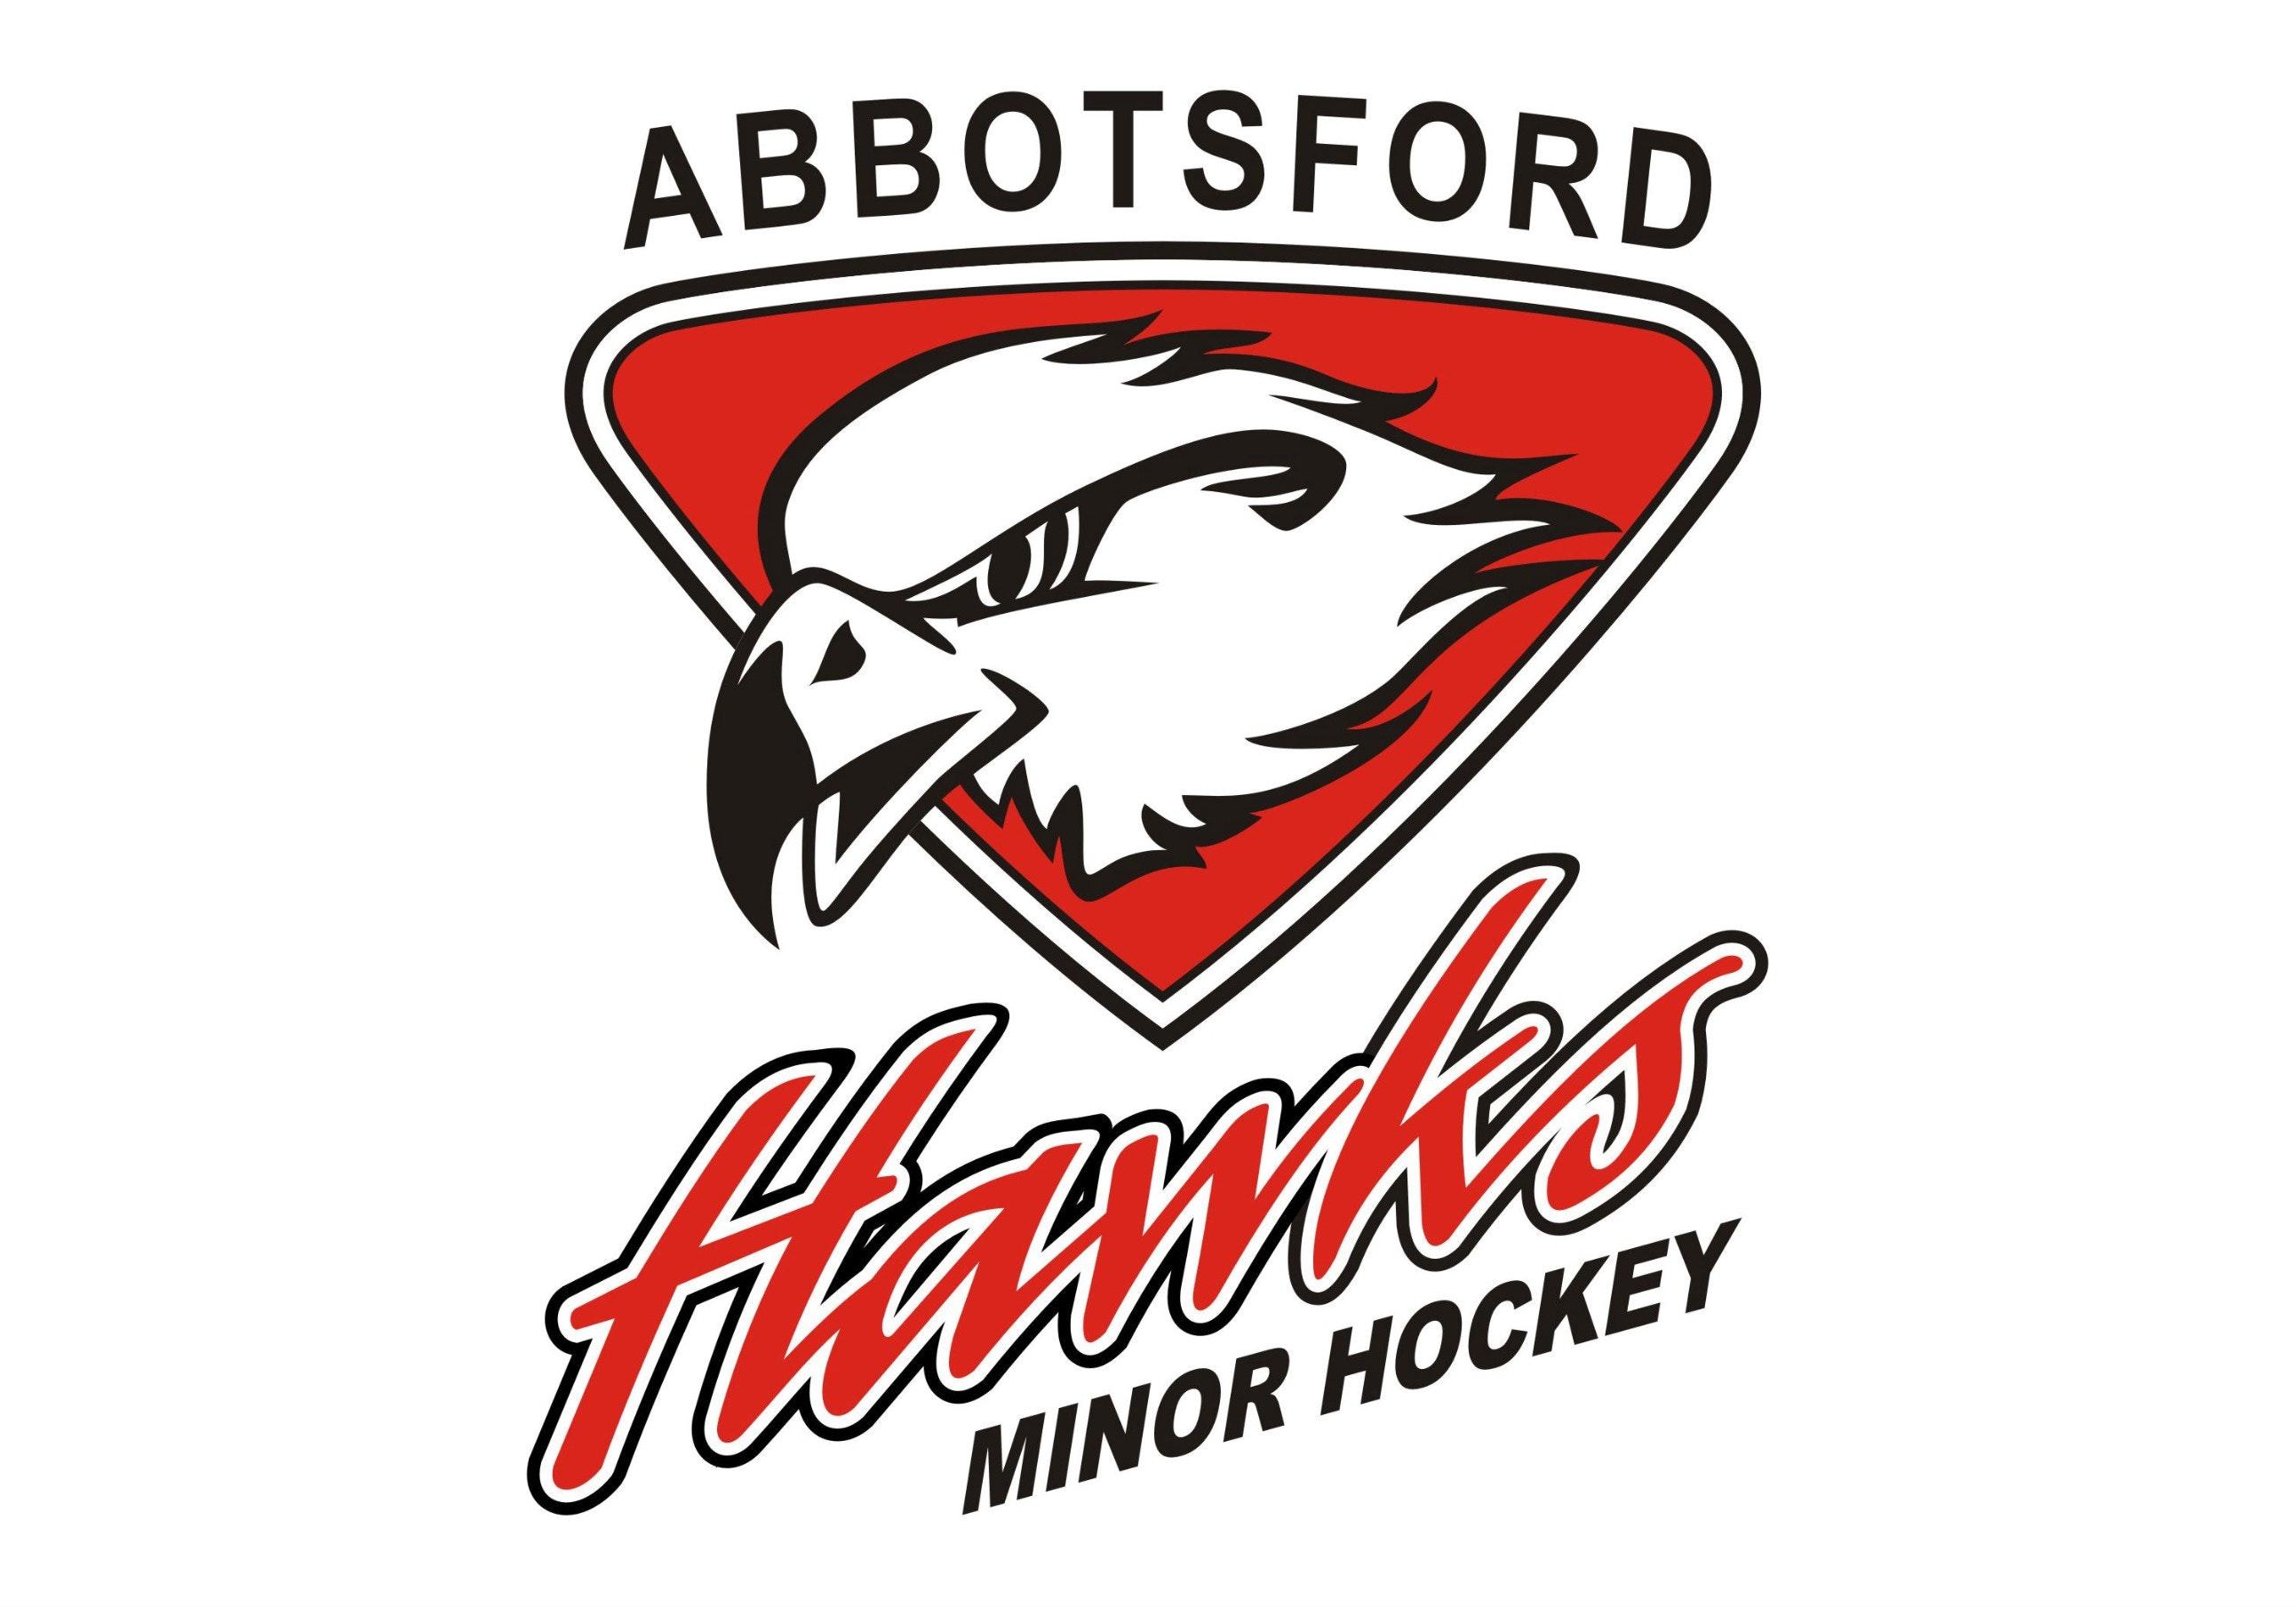 Abbotsford Hawks